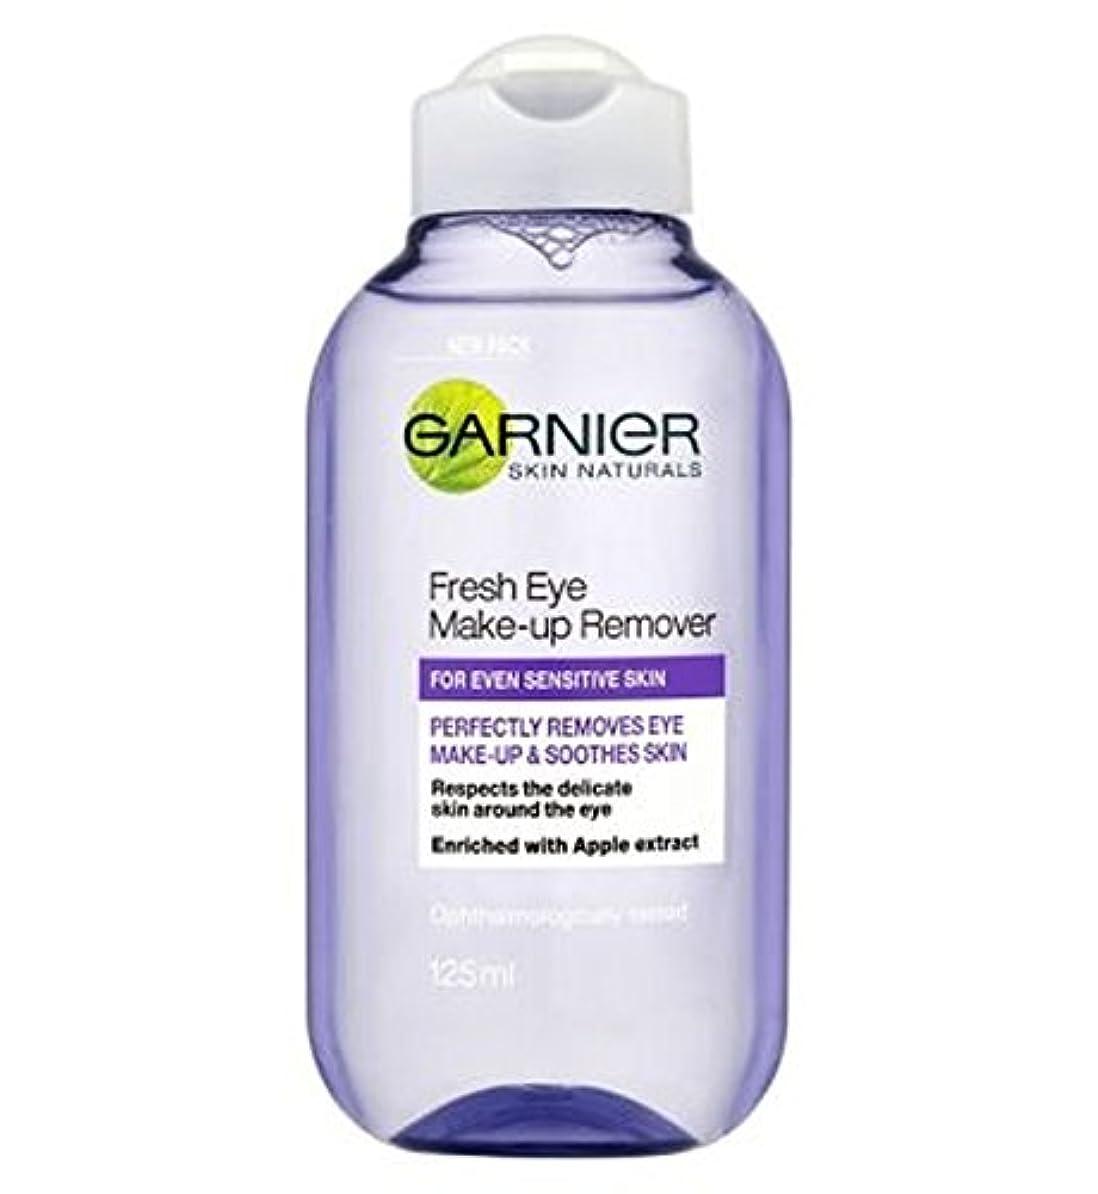 スポンジ寄生虫費やすガルニエ新鮮な目作るリムーバー125ミリリットル (Garnier) (x2) - Garnier Fresh Eye Make Up Remover 125ml (Pack of 2) [並行輸入品]